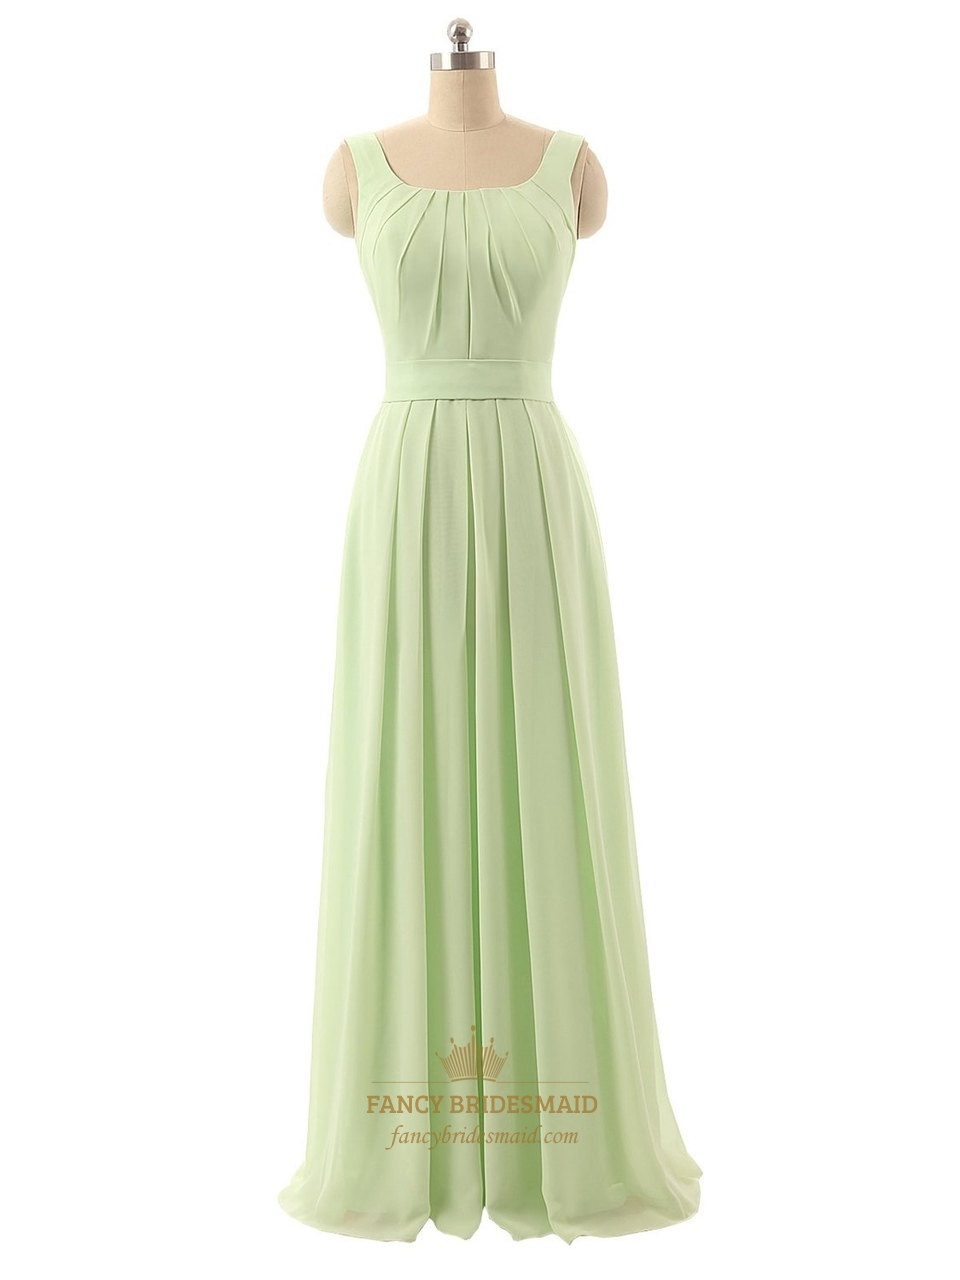 light green aline strapless ruffles floorlength chiffon